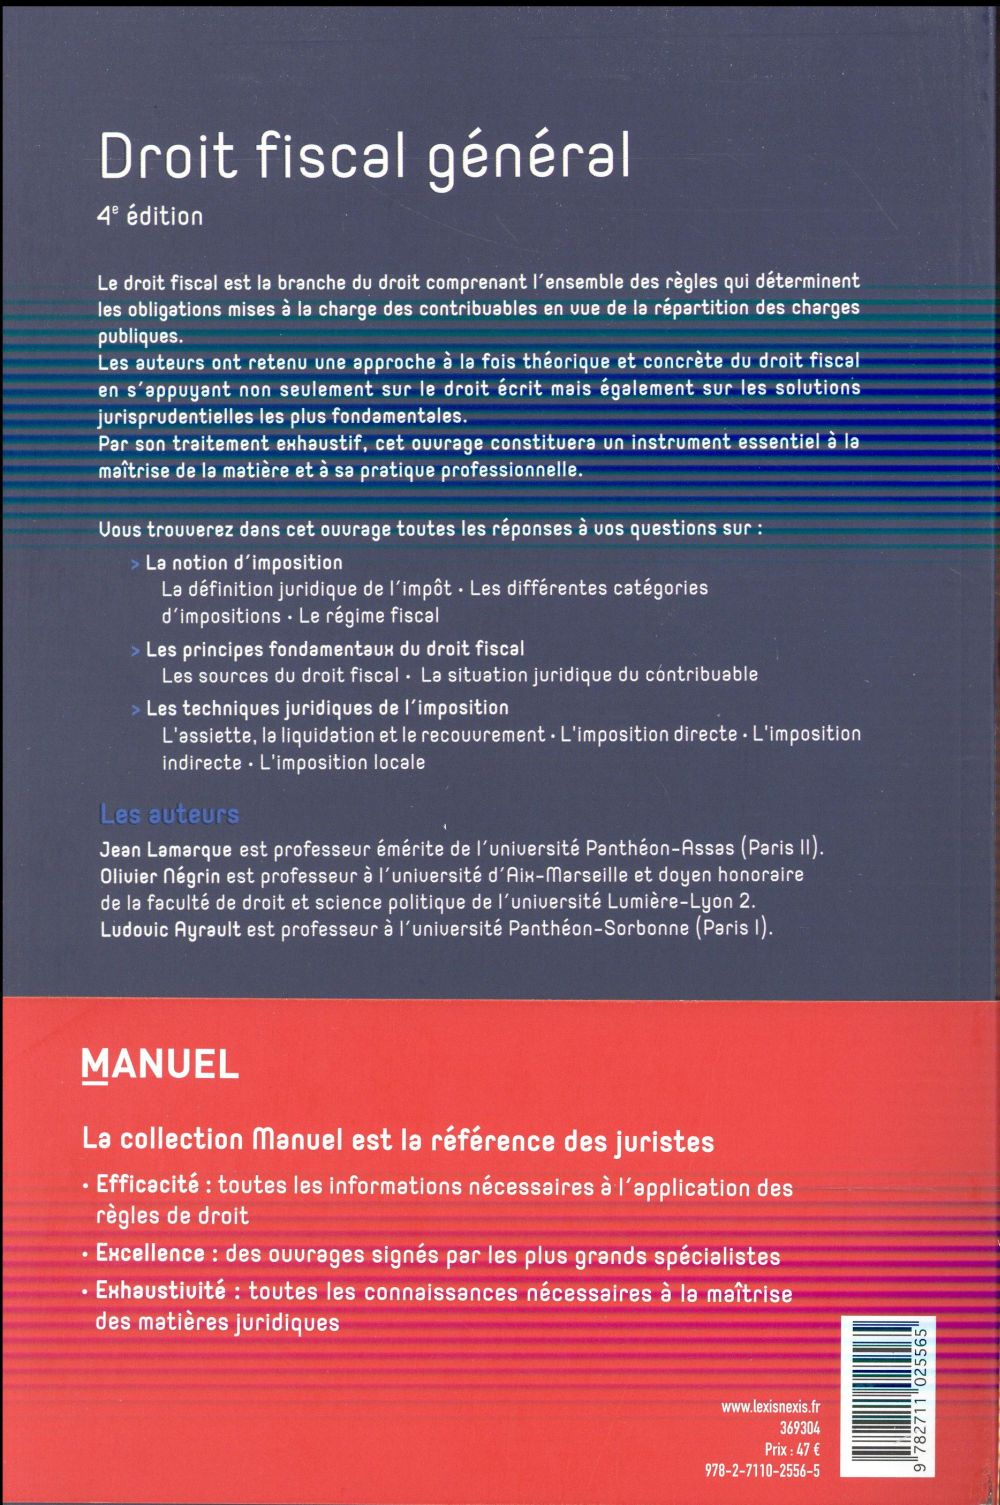 Droit fiscal général (4e édition)